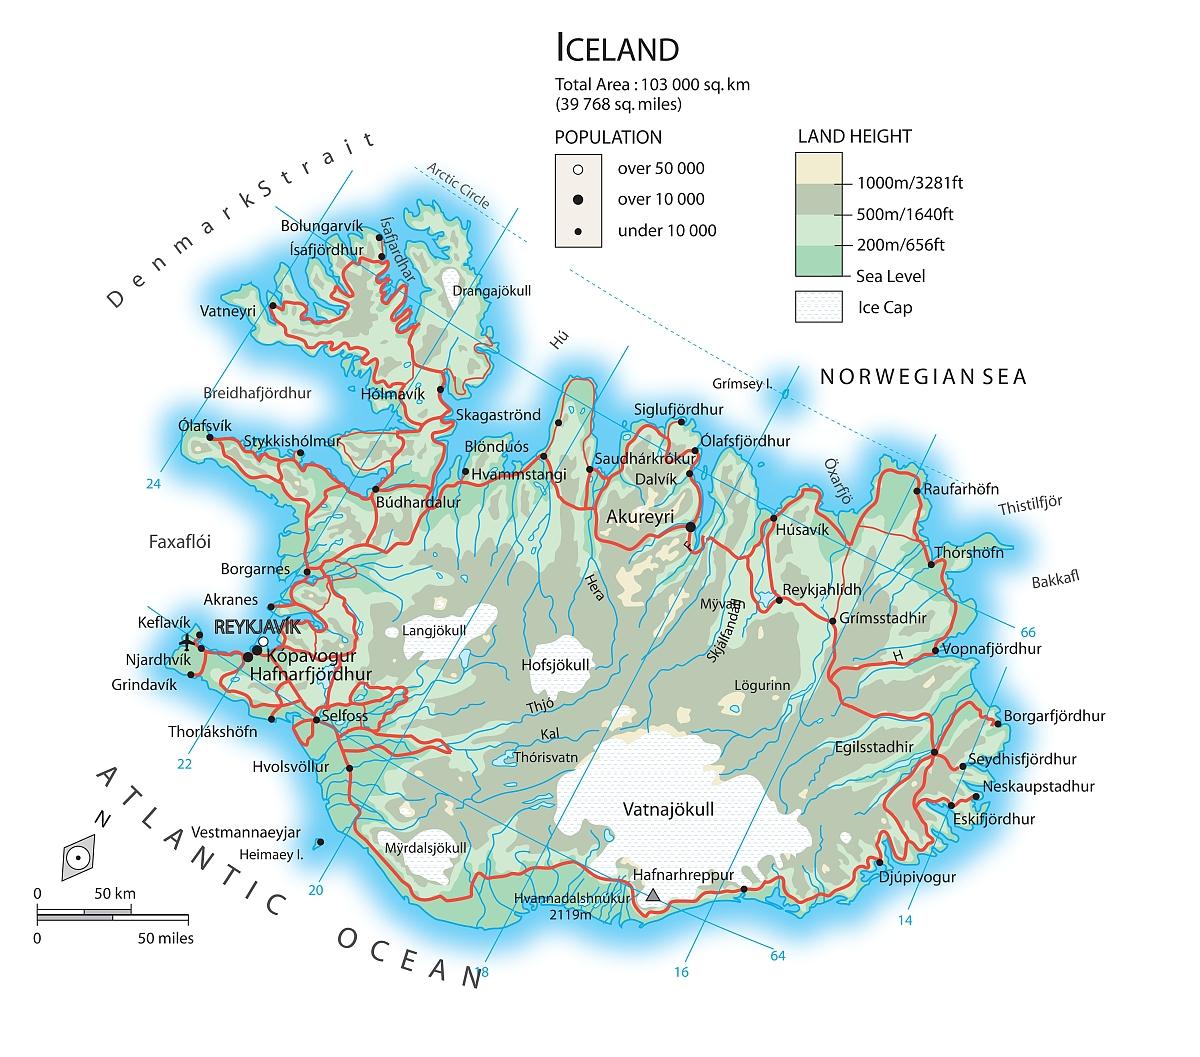 文字,欧洲,地图,自然地理,彩色图片,边界,绘画插图,无人,旅行,一个物图片